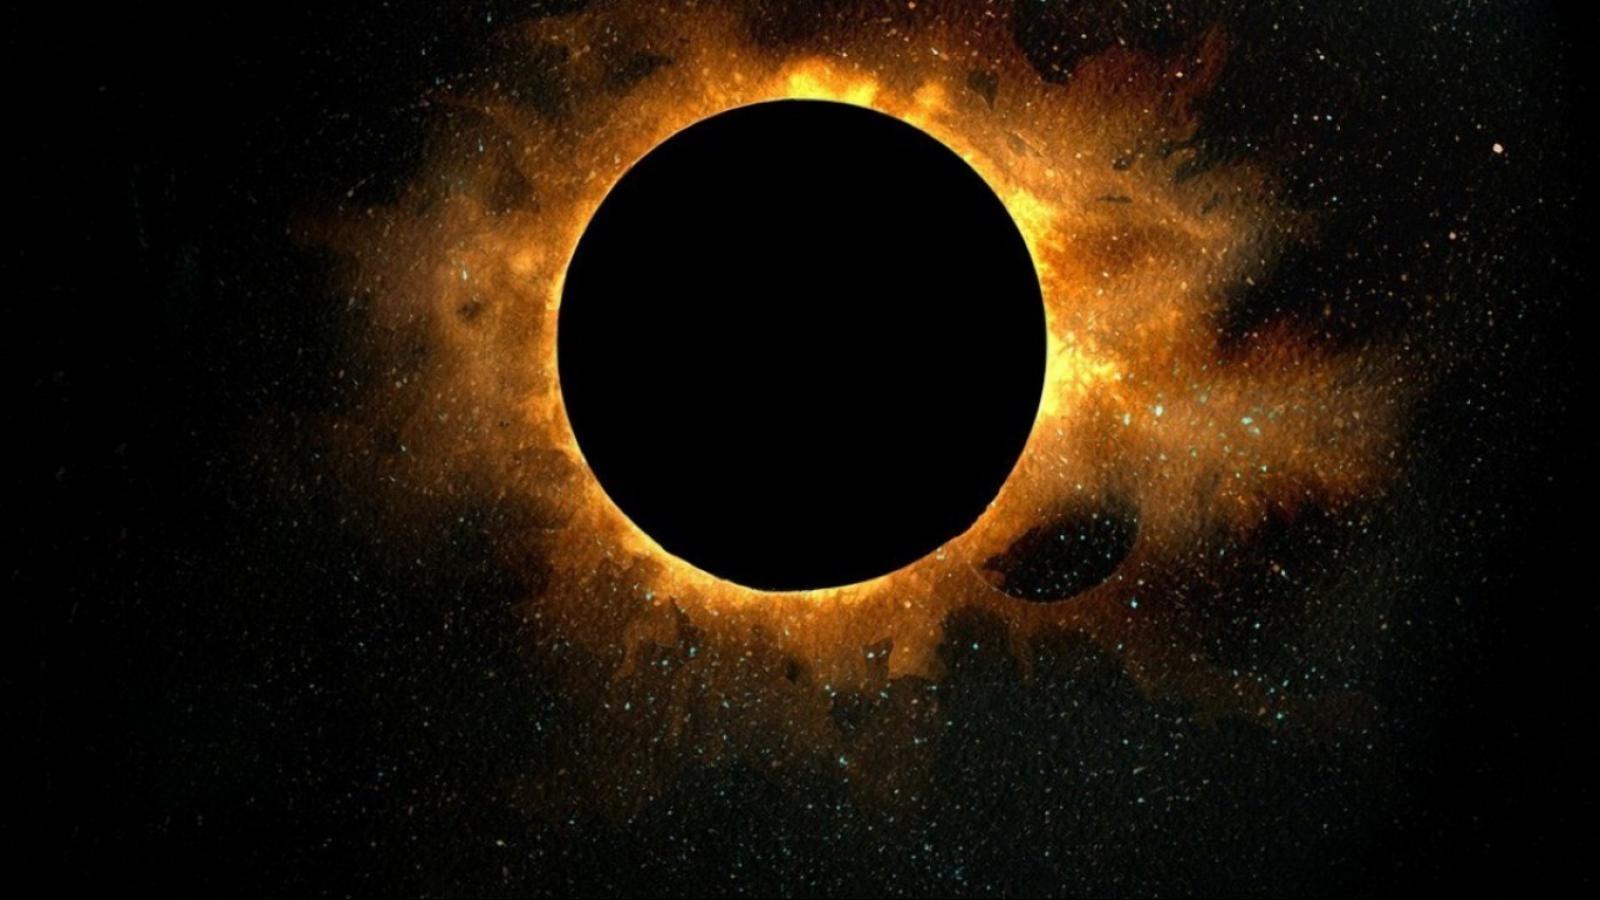 Имя и релиз Android 0 - в день солнечного затмения